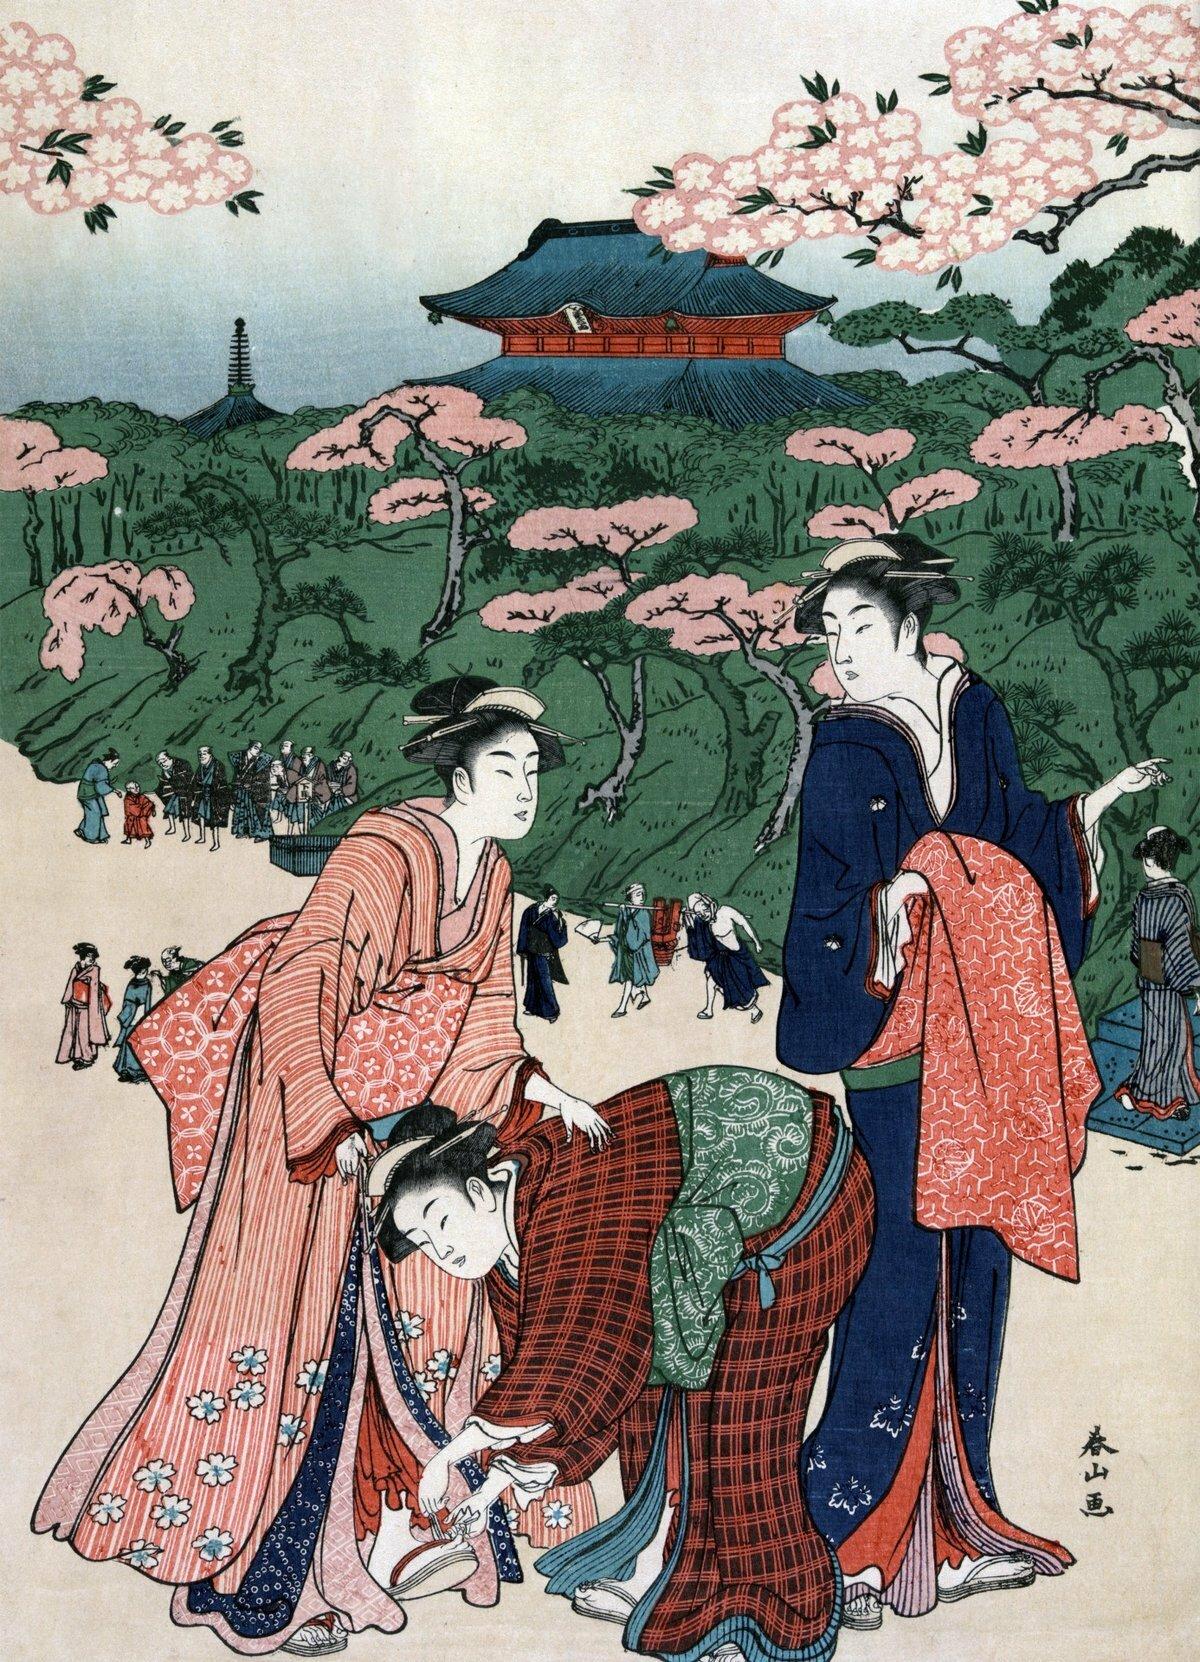 картинки корея китай япония элайджи вполне традиционная